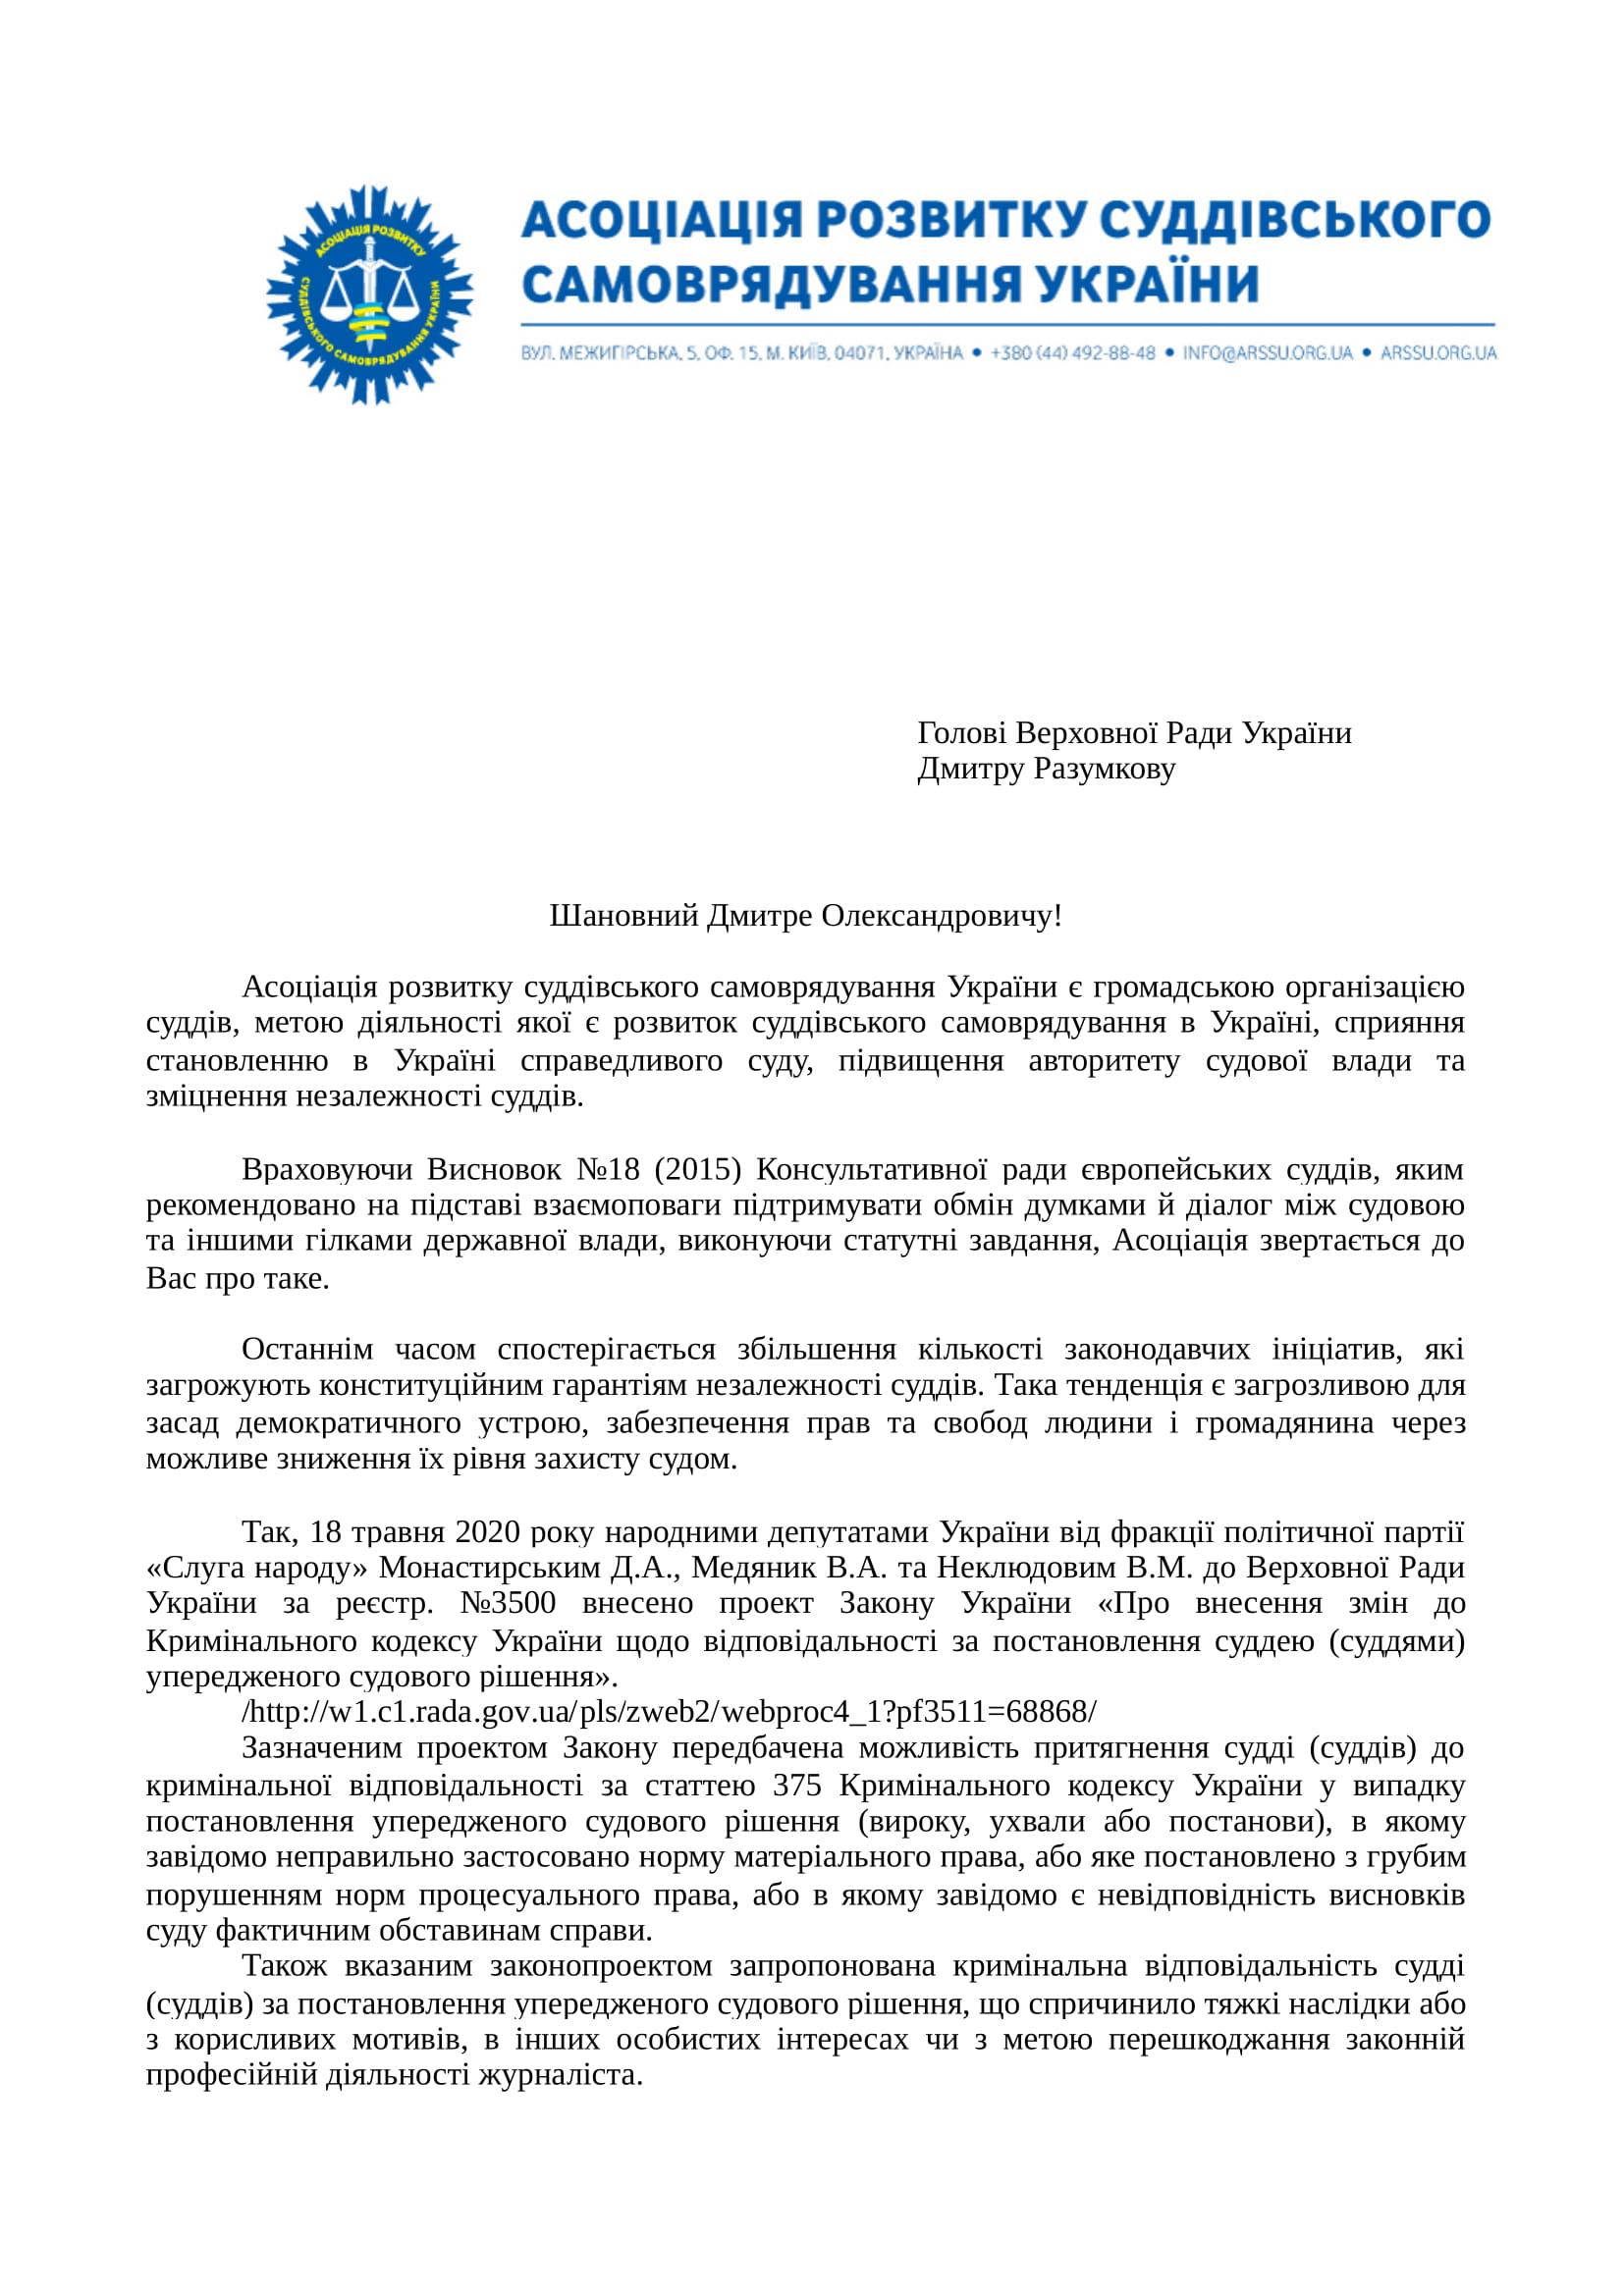 Звернення-АРССУ-до-ВРУ-1